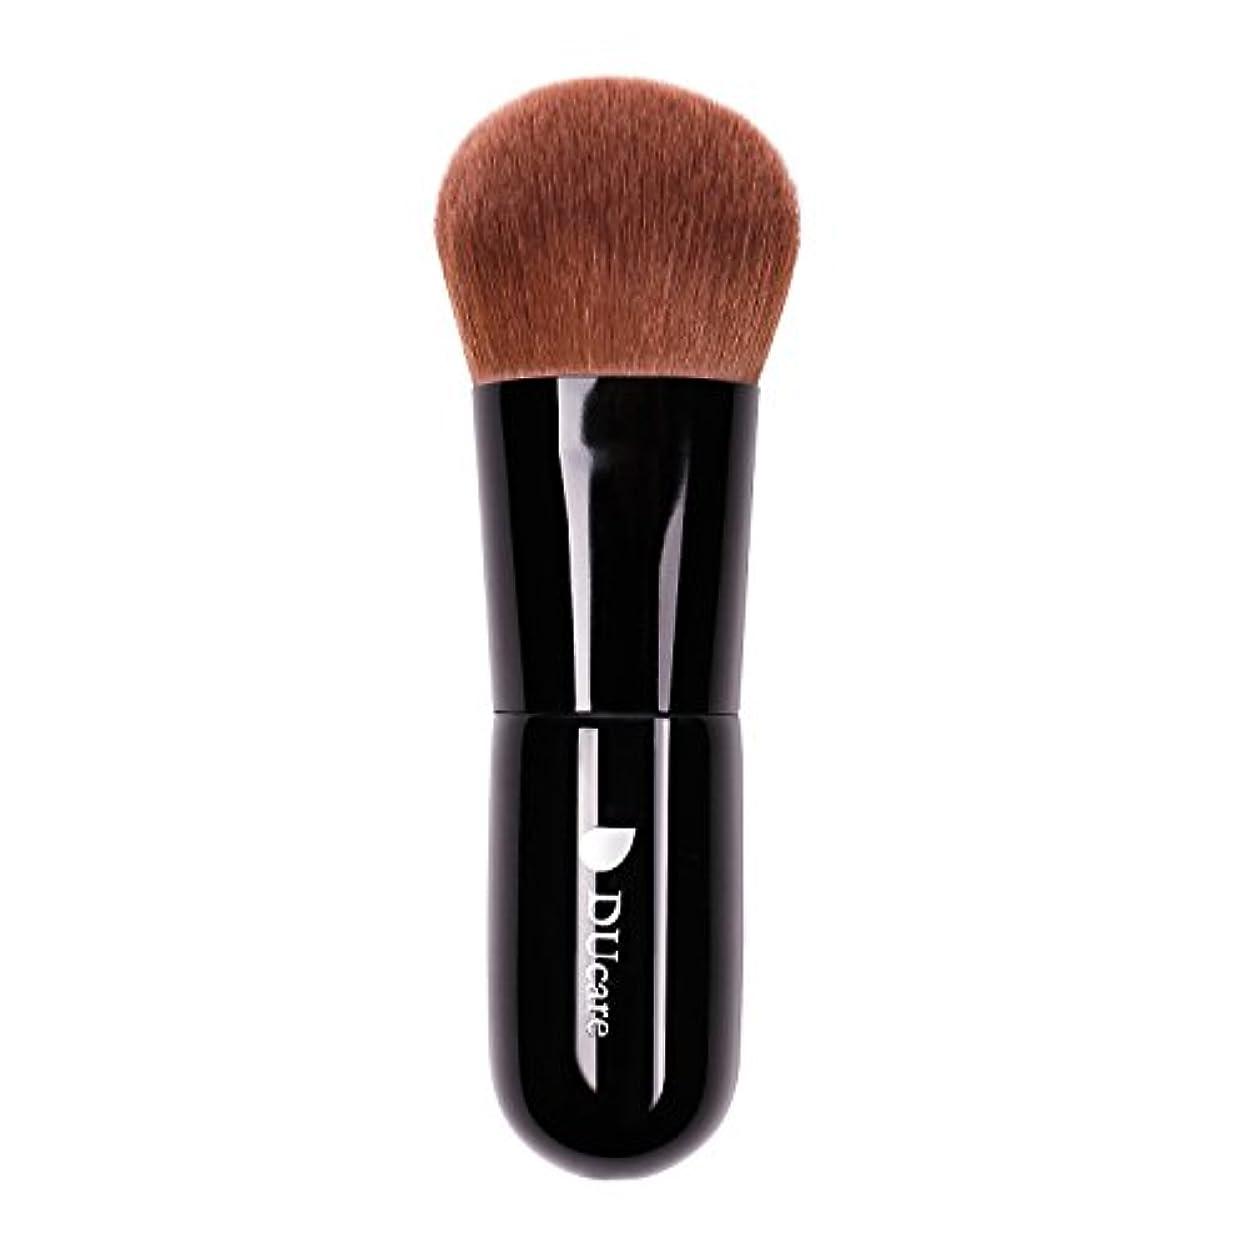 性能叙情的な十二ドゥケア(DUcare) 化粧筆 ファンデーションブラシ フェイスブラシ 最高級のタクロンを使用